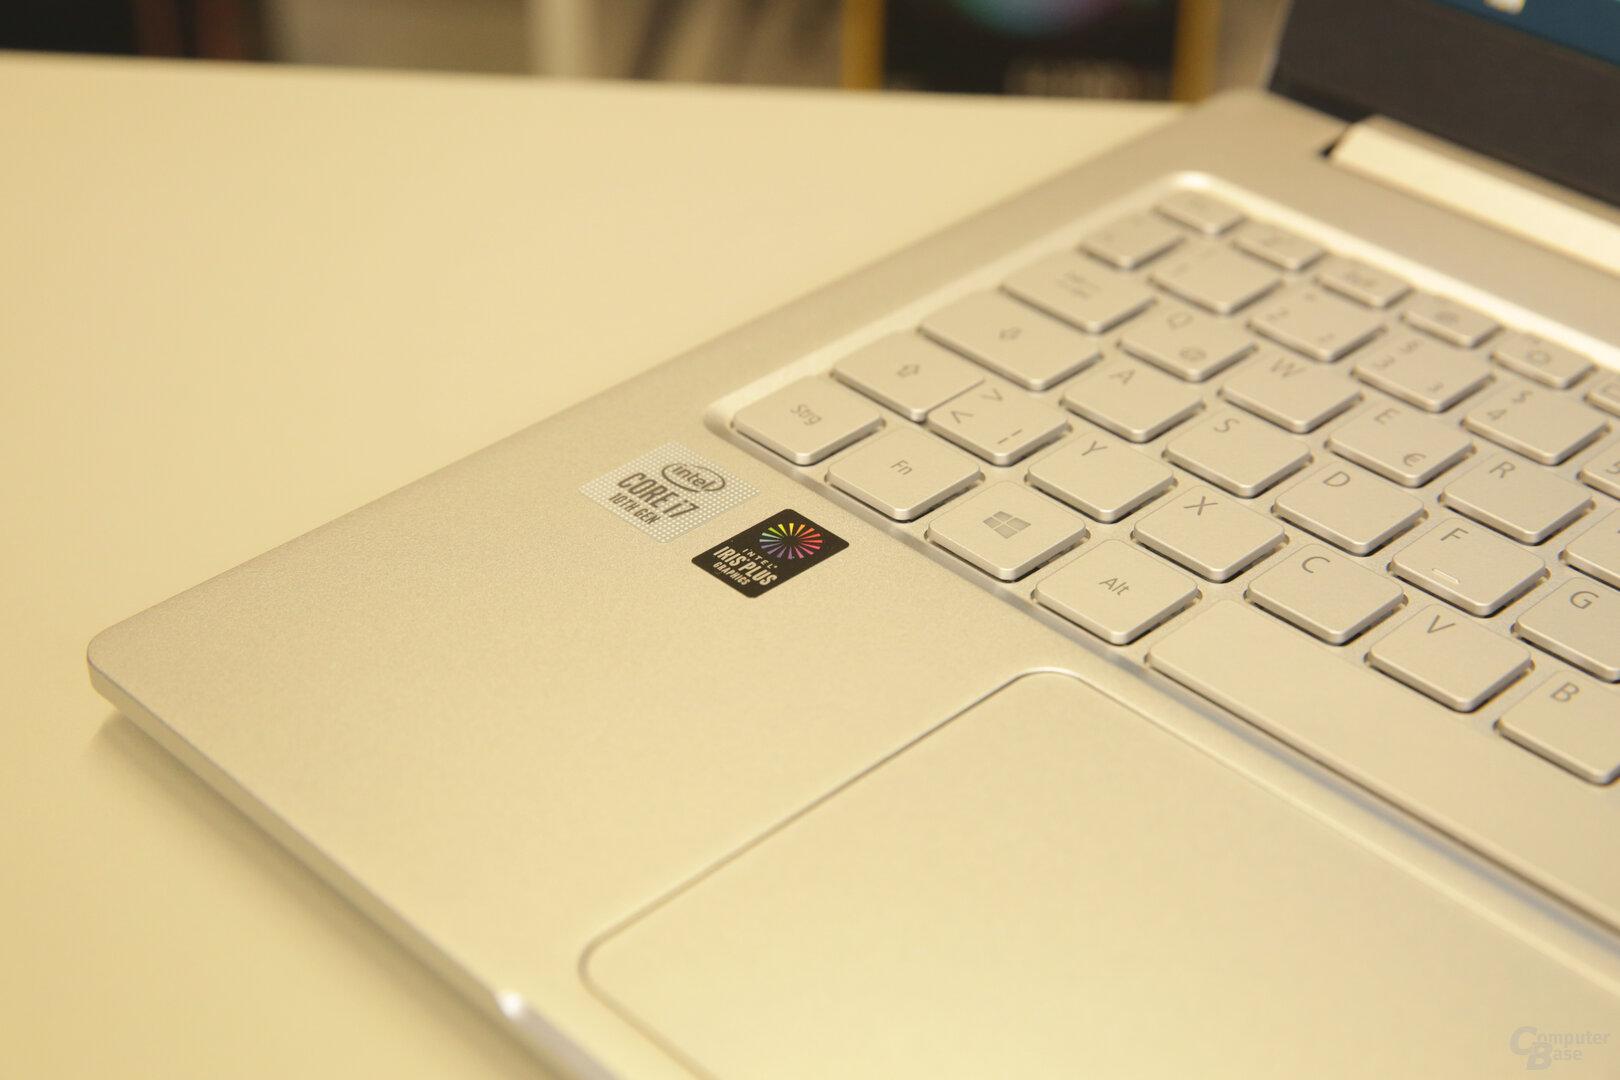 Acer und Intel verzichten auf Aufkleber für Project Athena